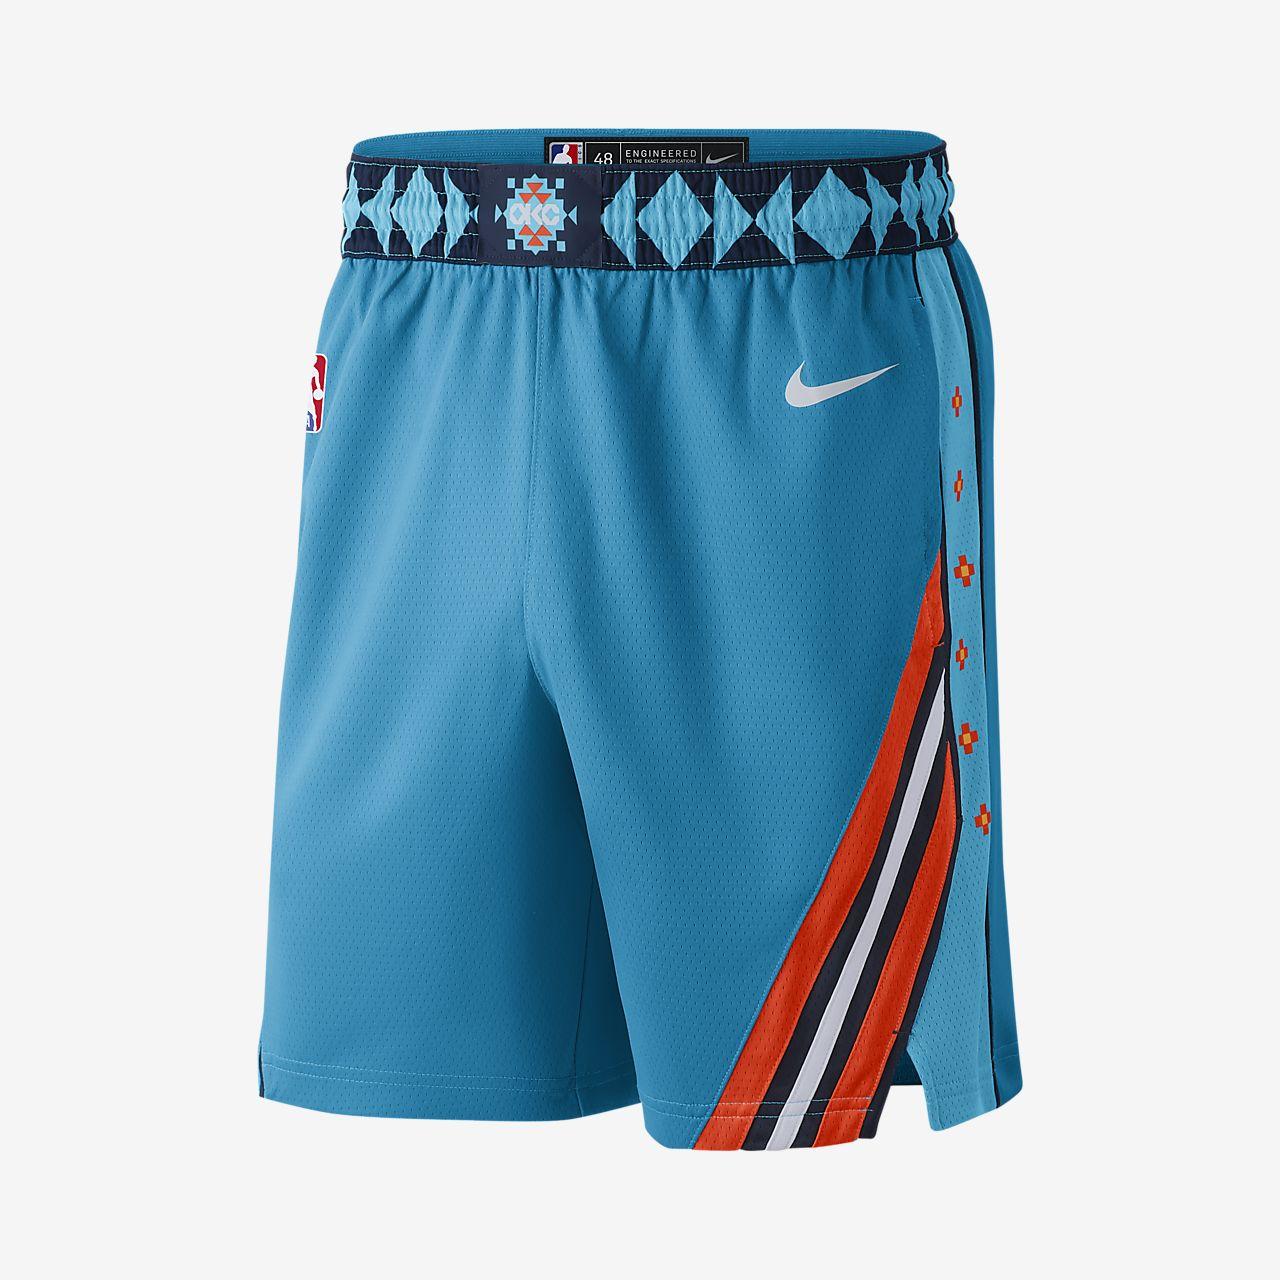 b7899c53f56 ... Oklahoma City Thunder City Edition Swingman Men's Nike NBA Shorts